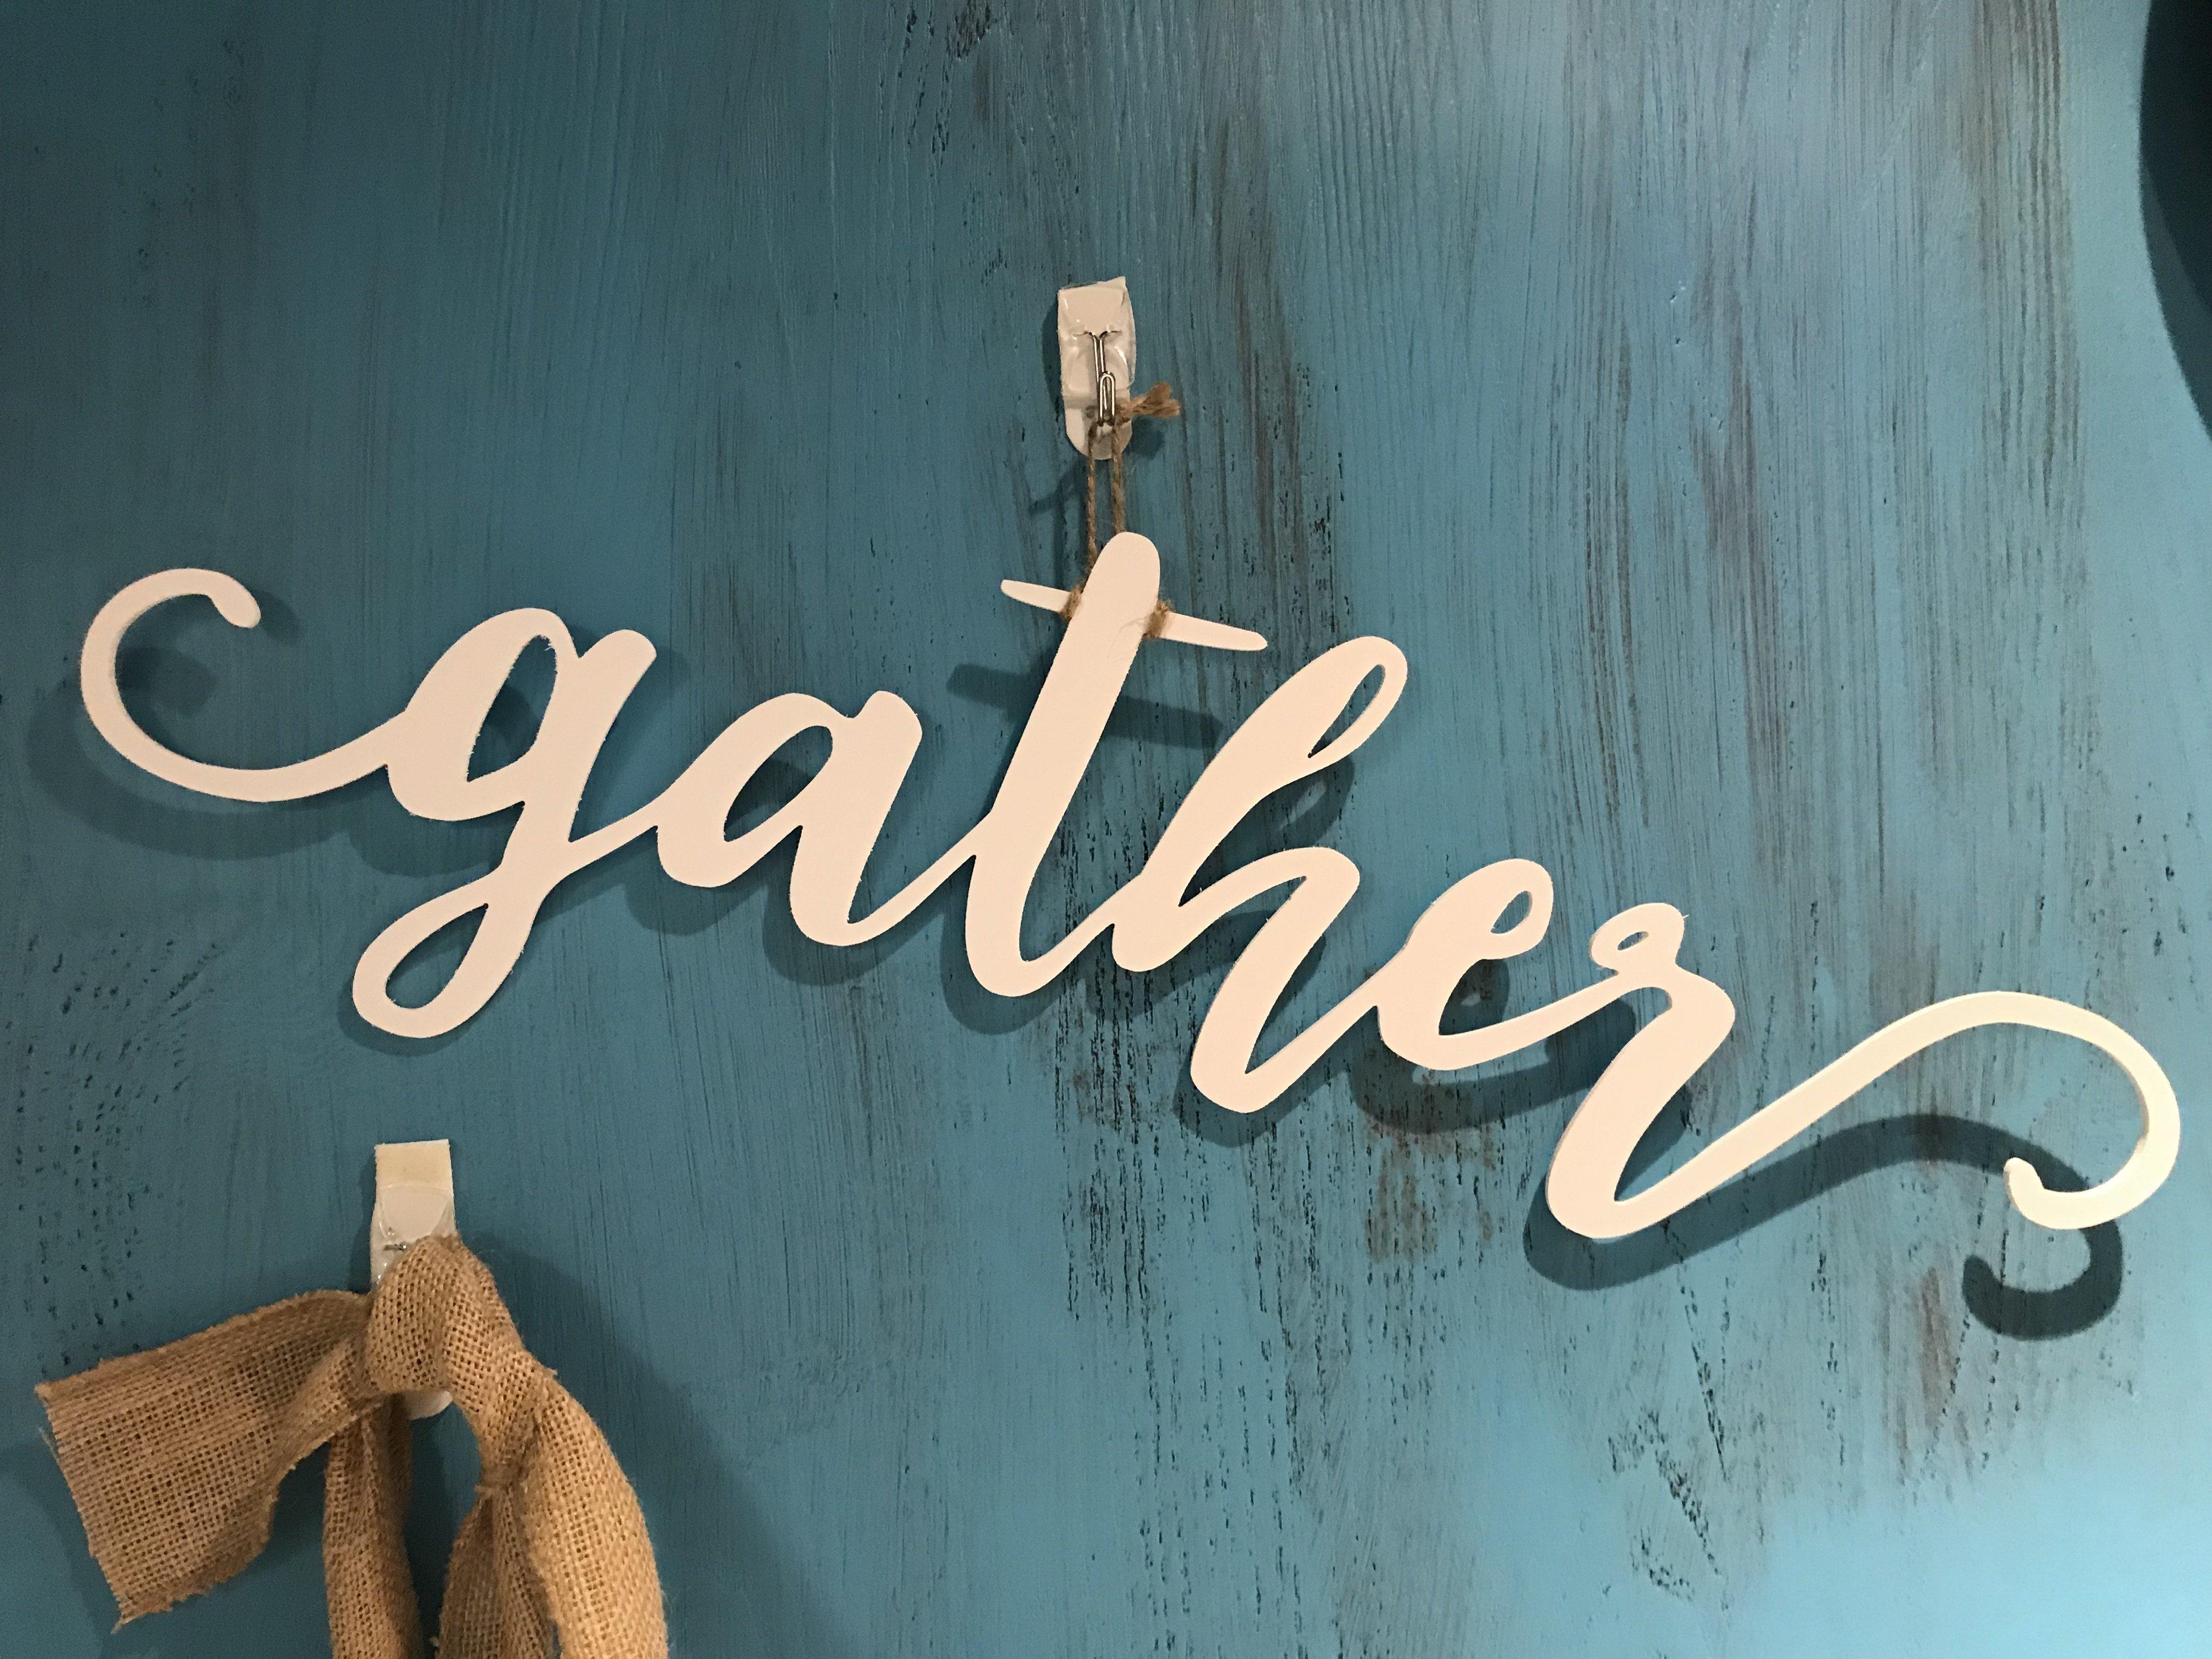 White Wood Gather ww1